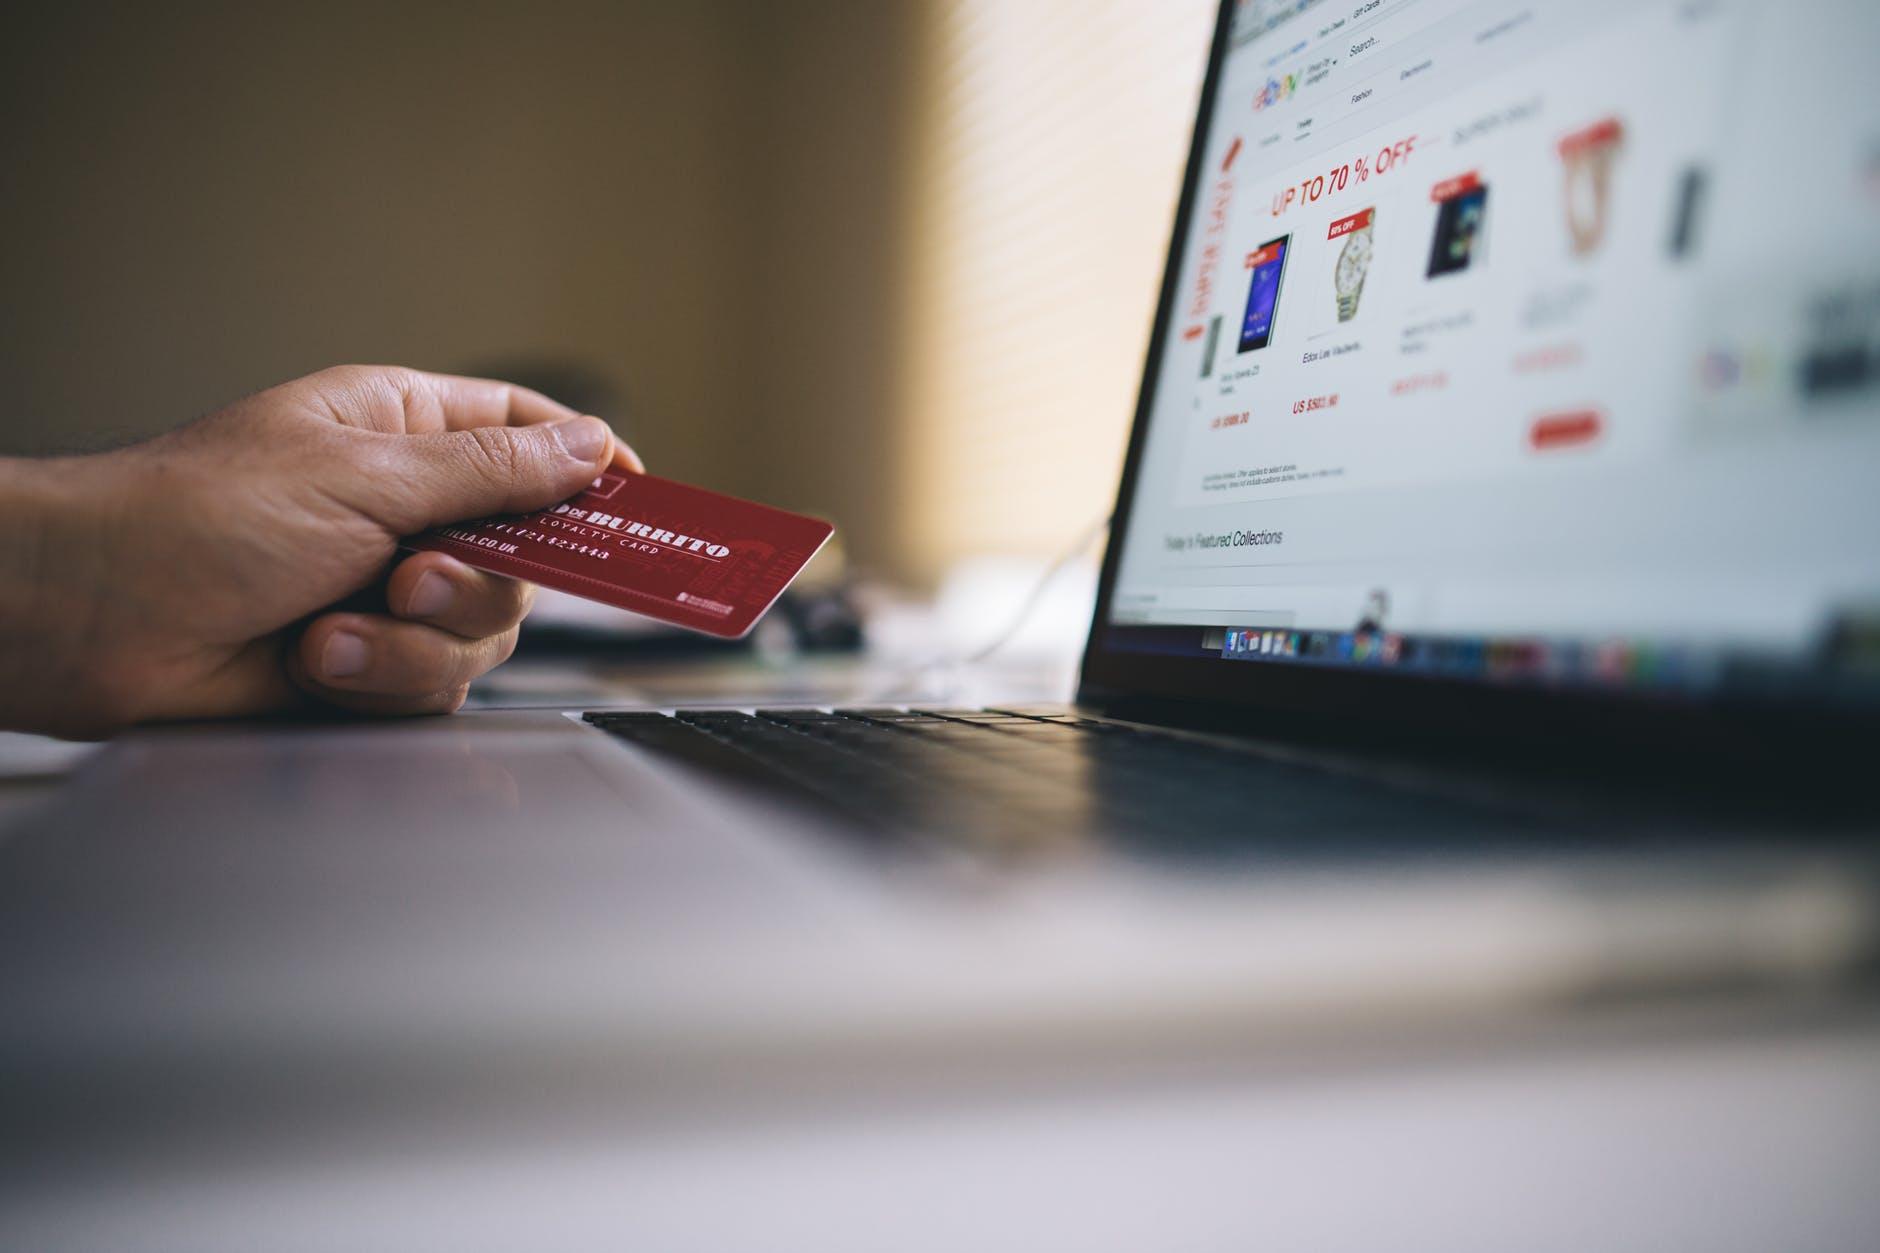 E-Commerce Business Eco-Friendlier